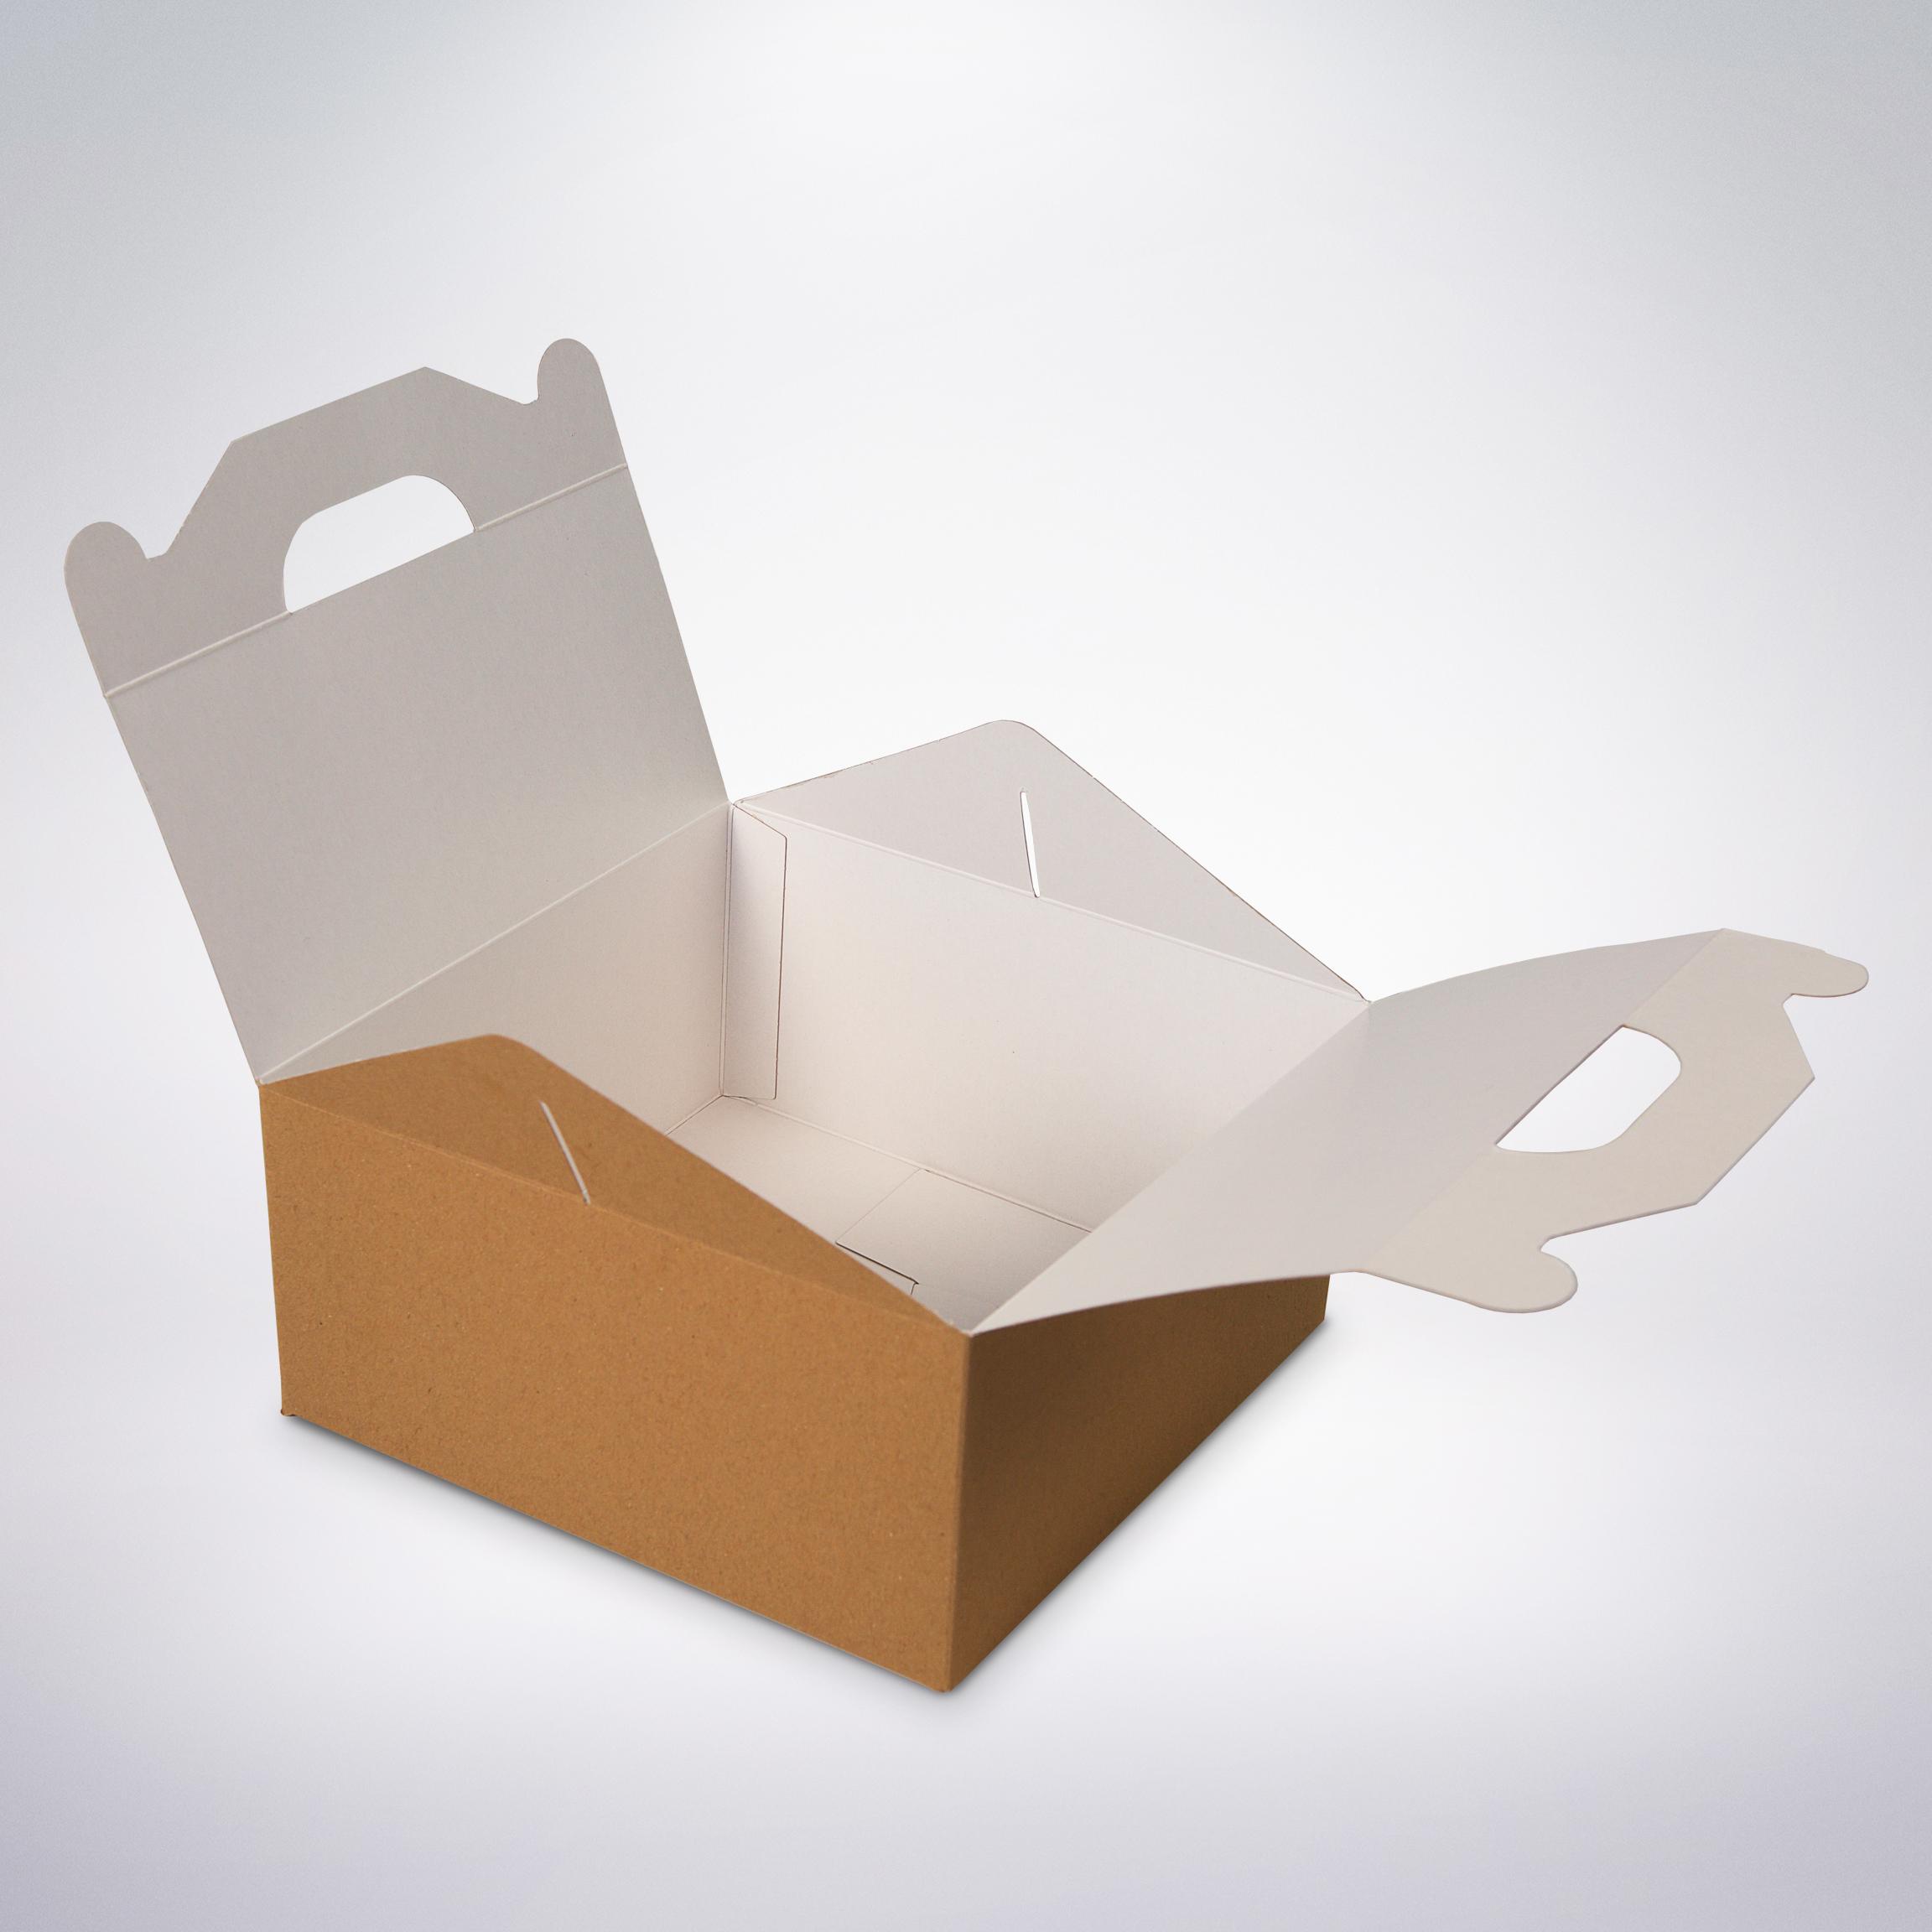 Cukrárska krabica eko165x165x80